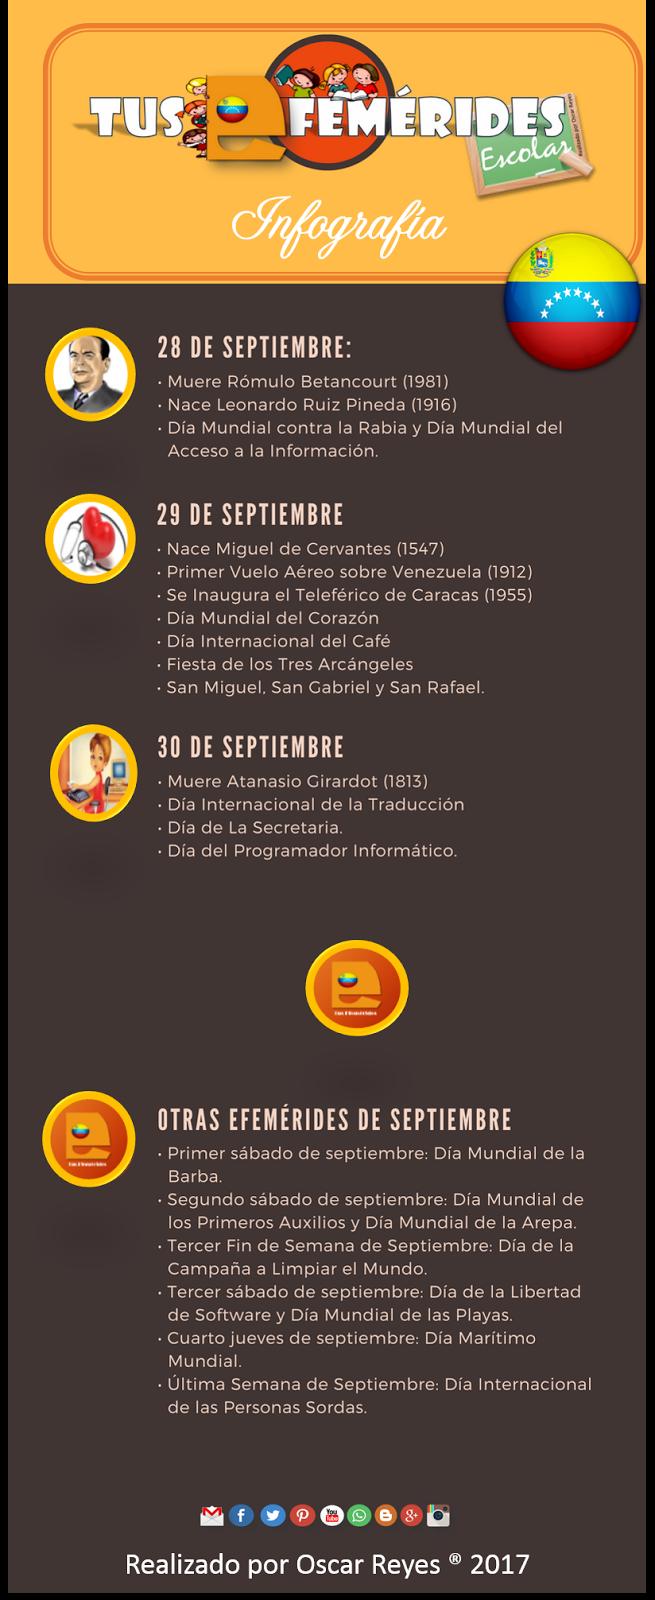 Tus Efemrides Escolares 5 de Octubre Natalicio de Teresa de la Parra